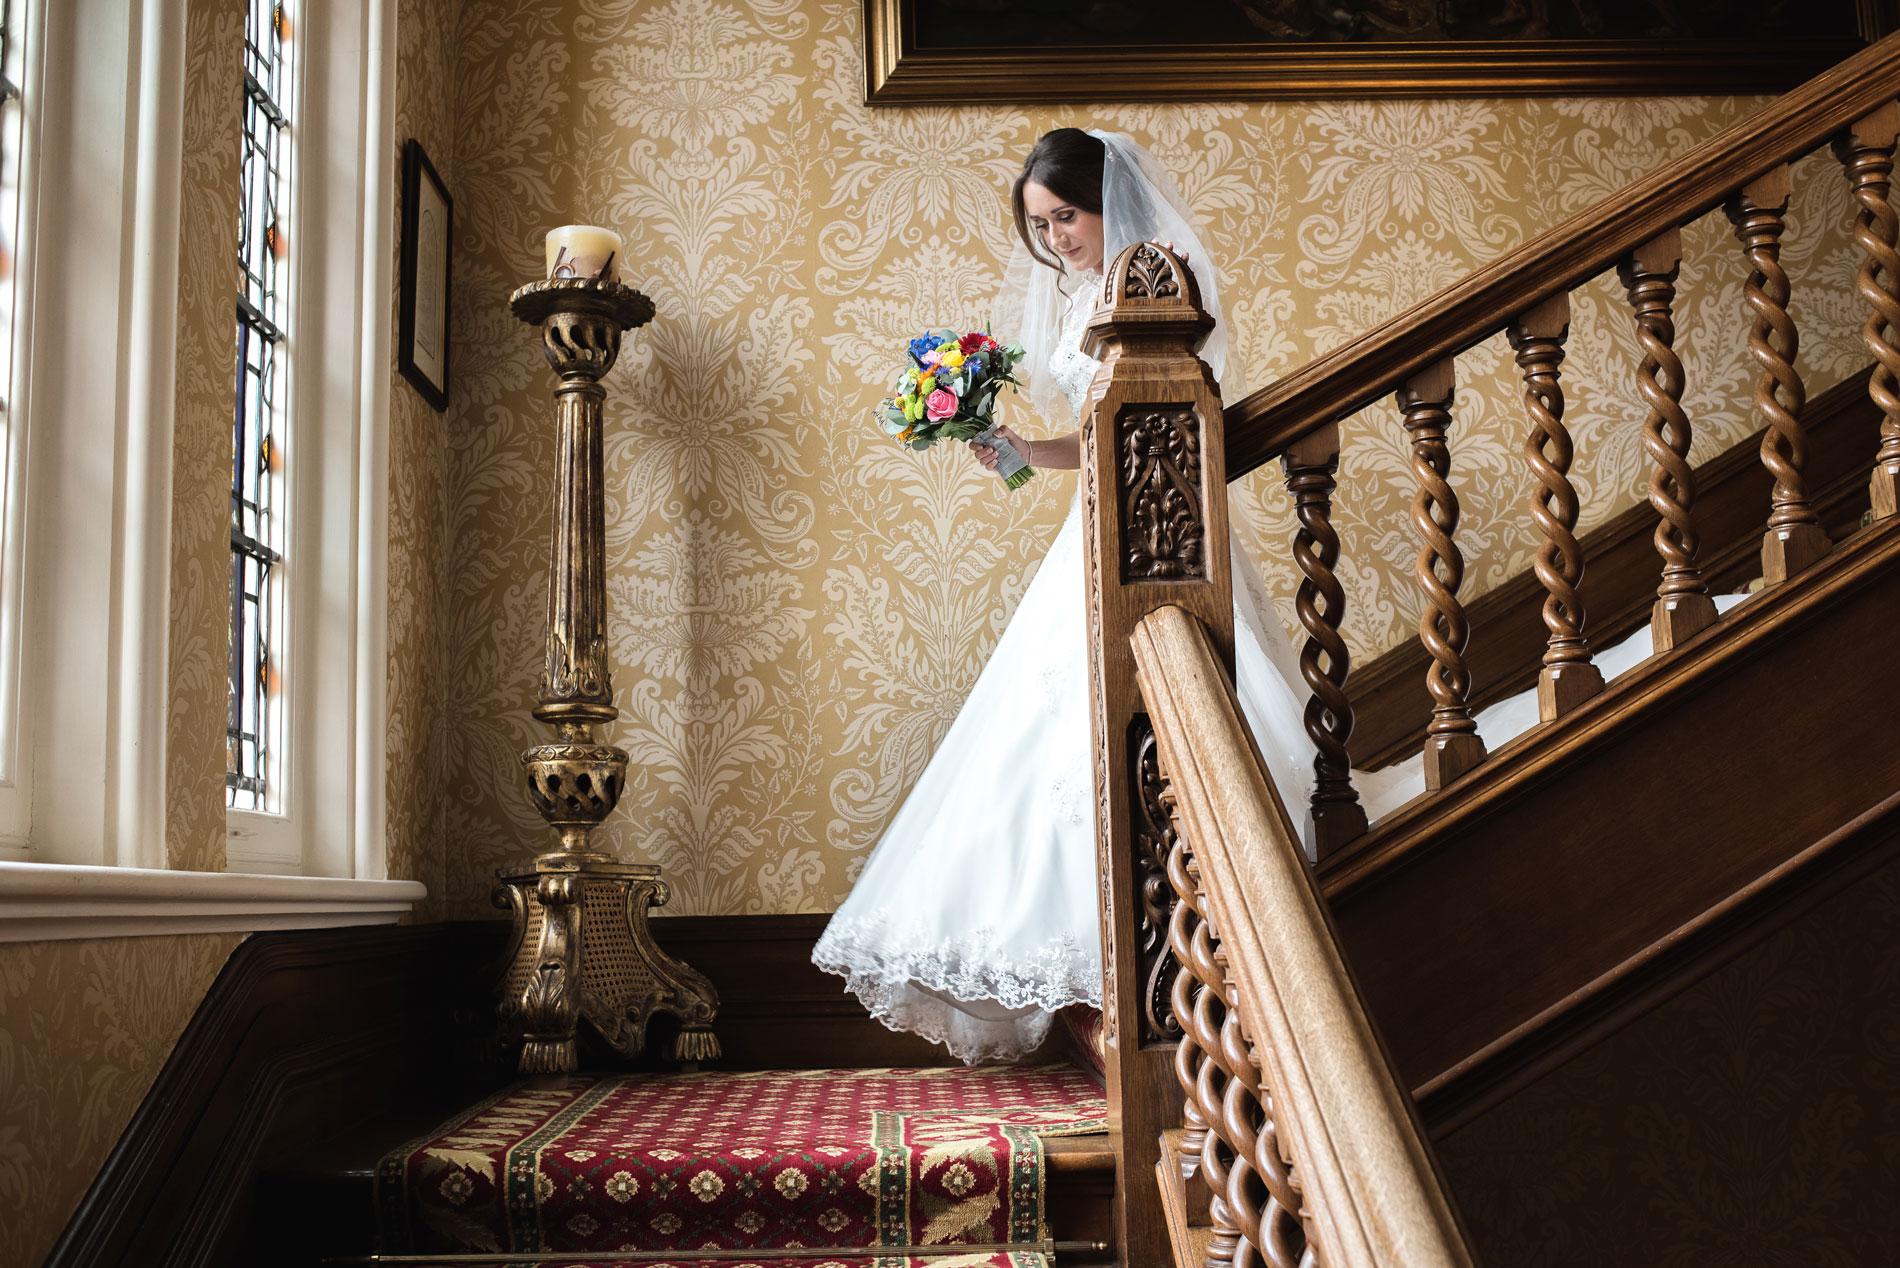 Kilworth-weddings-_19.jpg